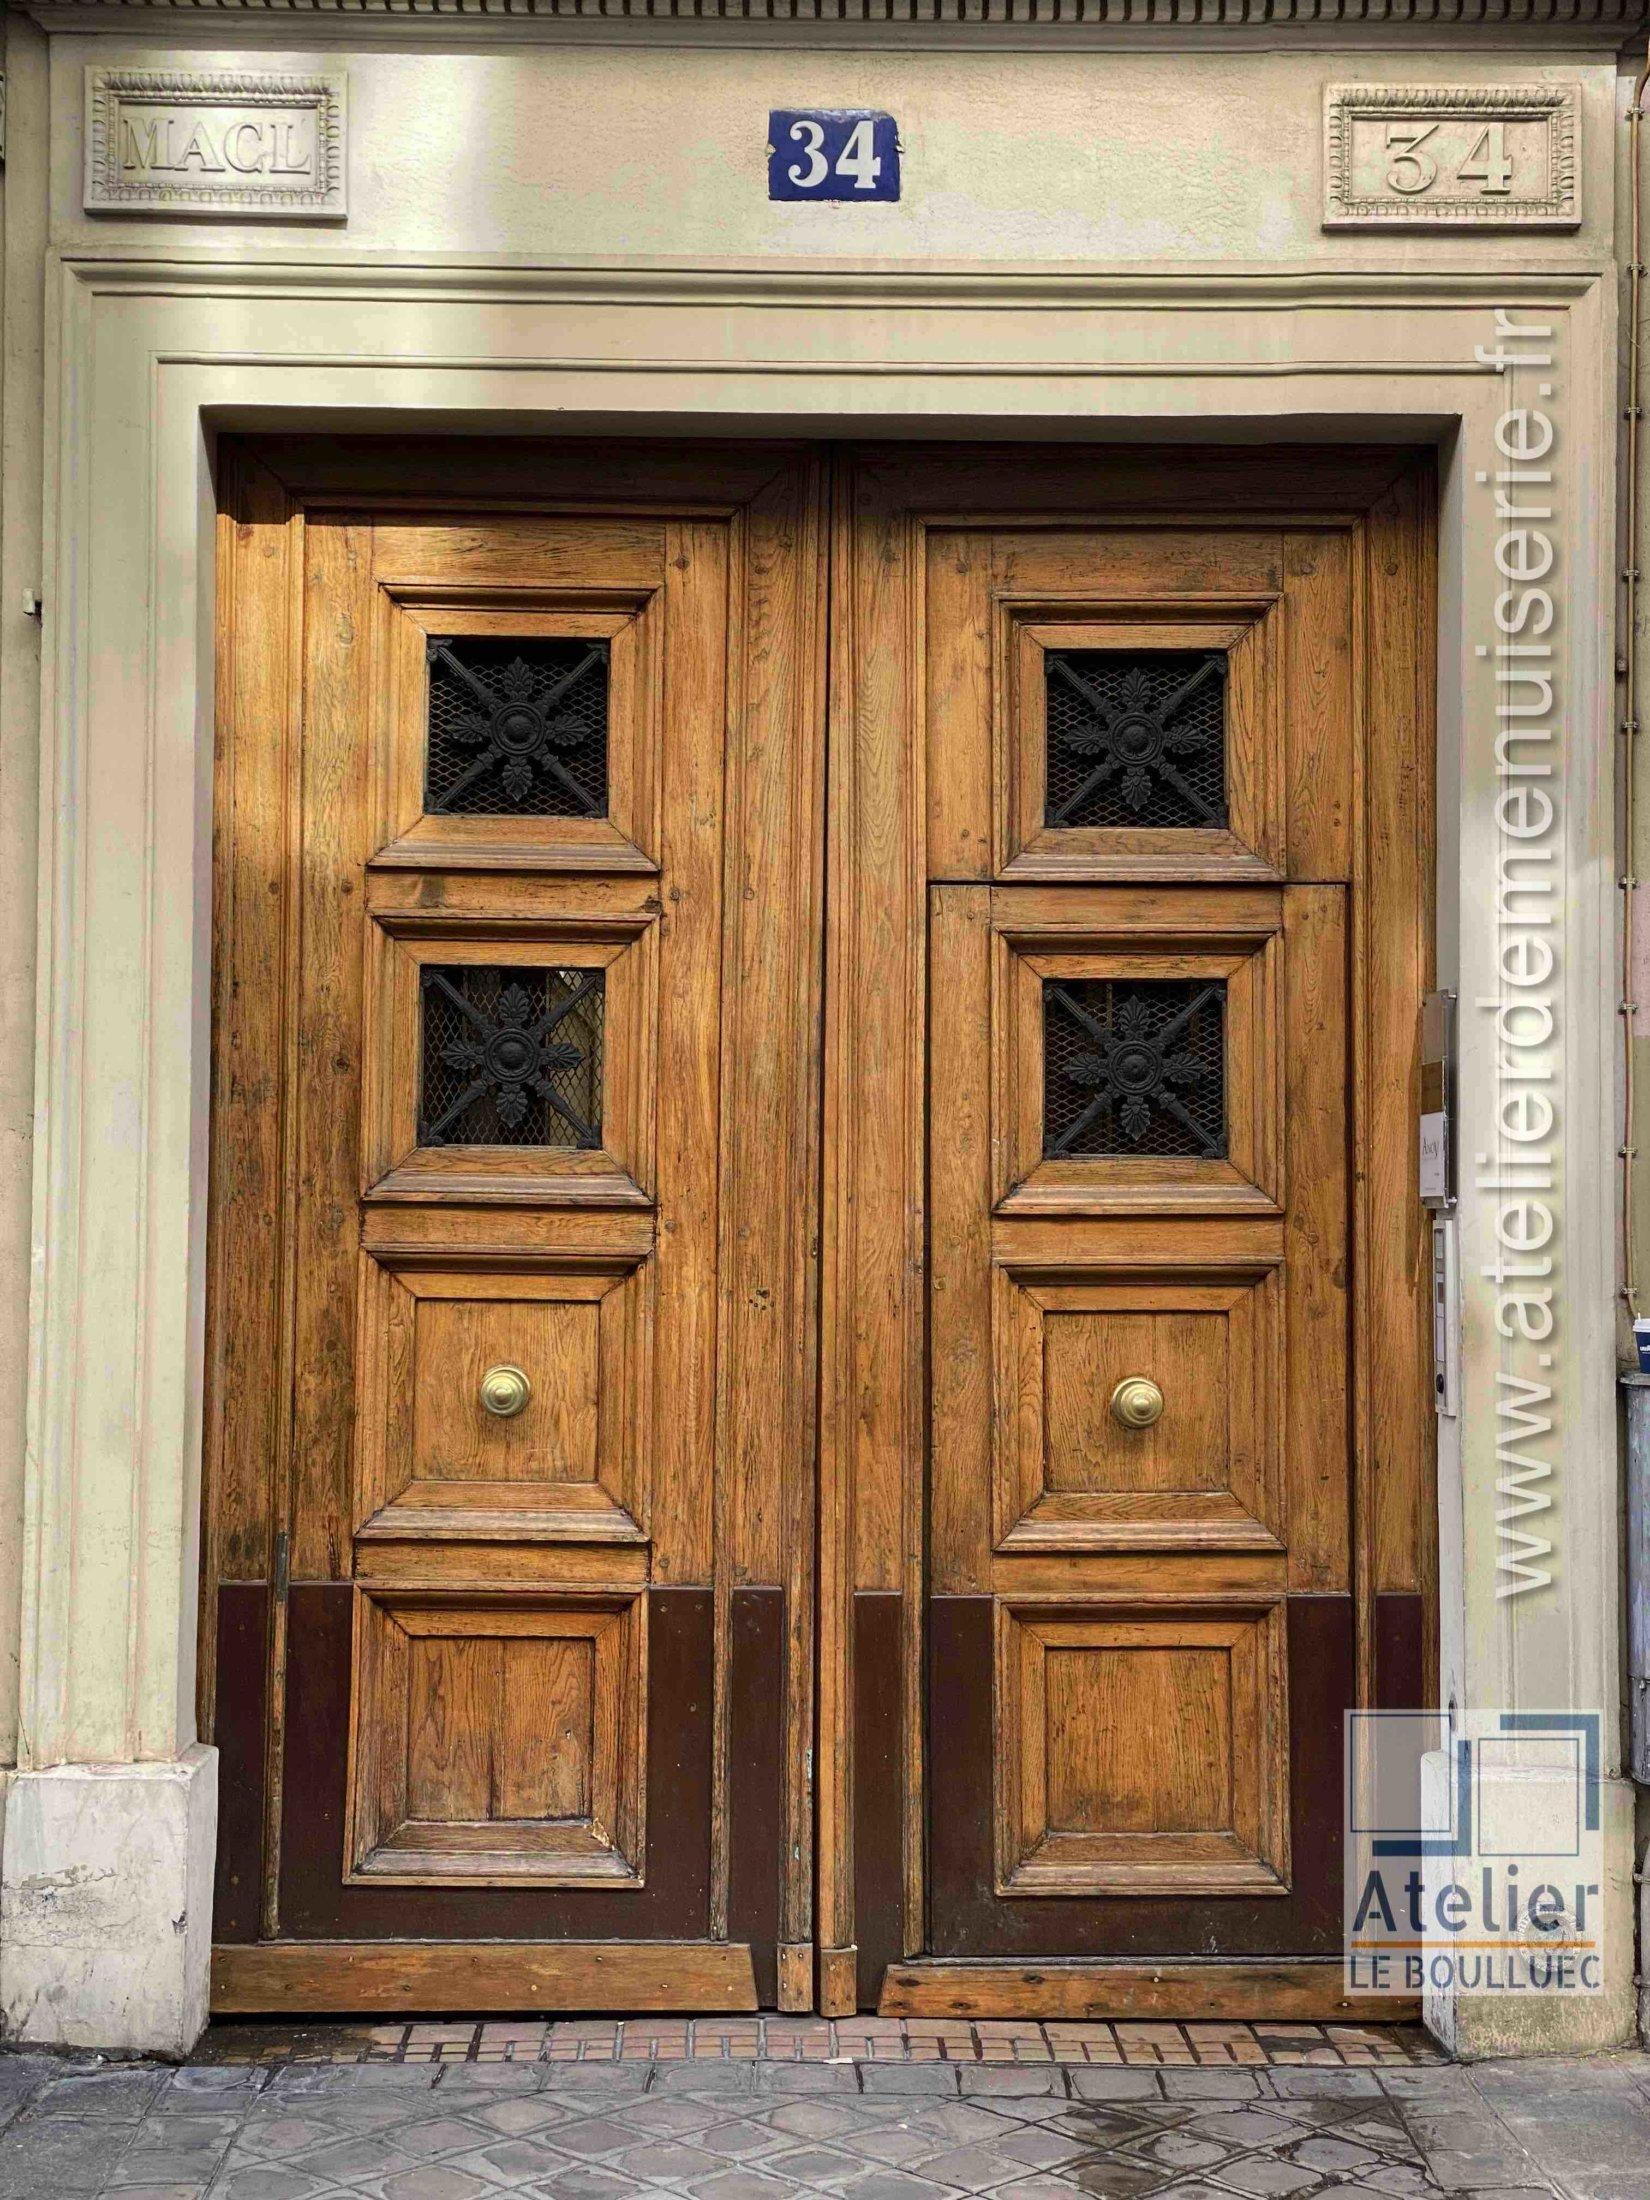 Porte Cochère LOUIS XV - 34 RUE VIGNON PARIS 9